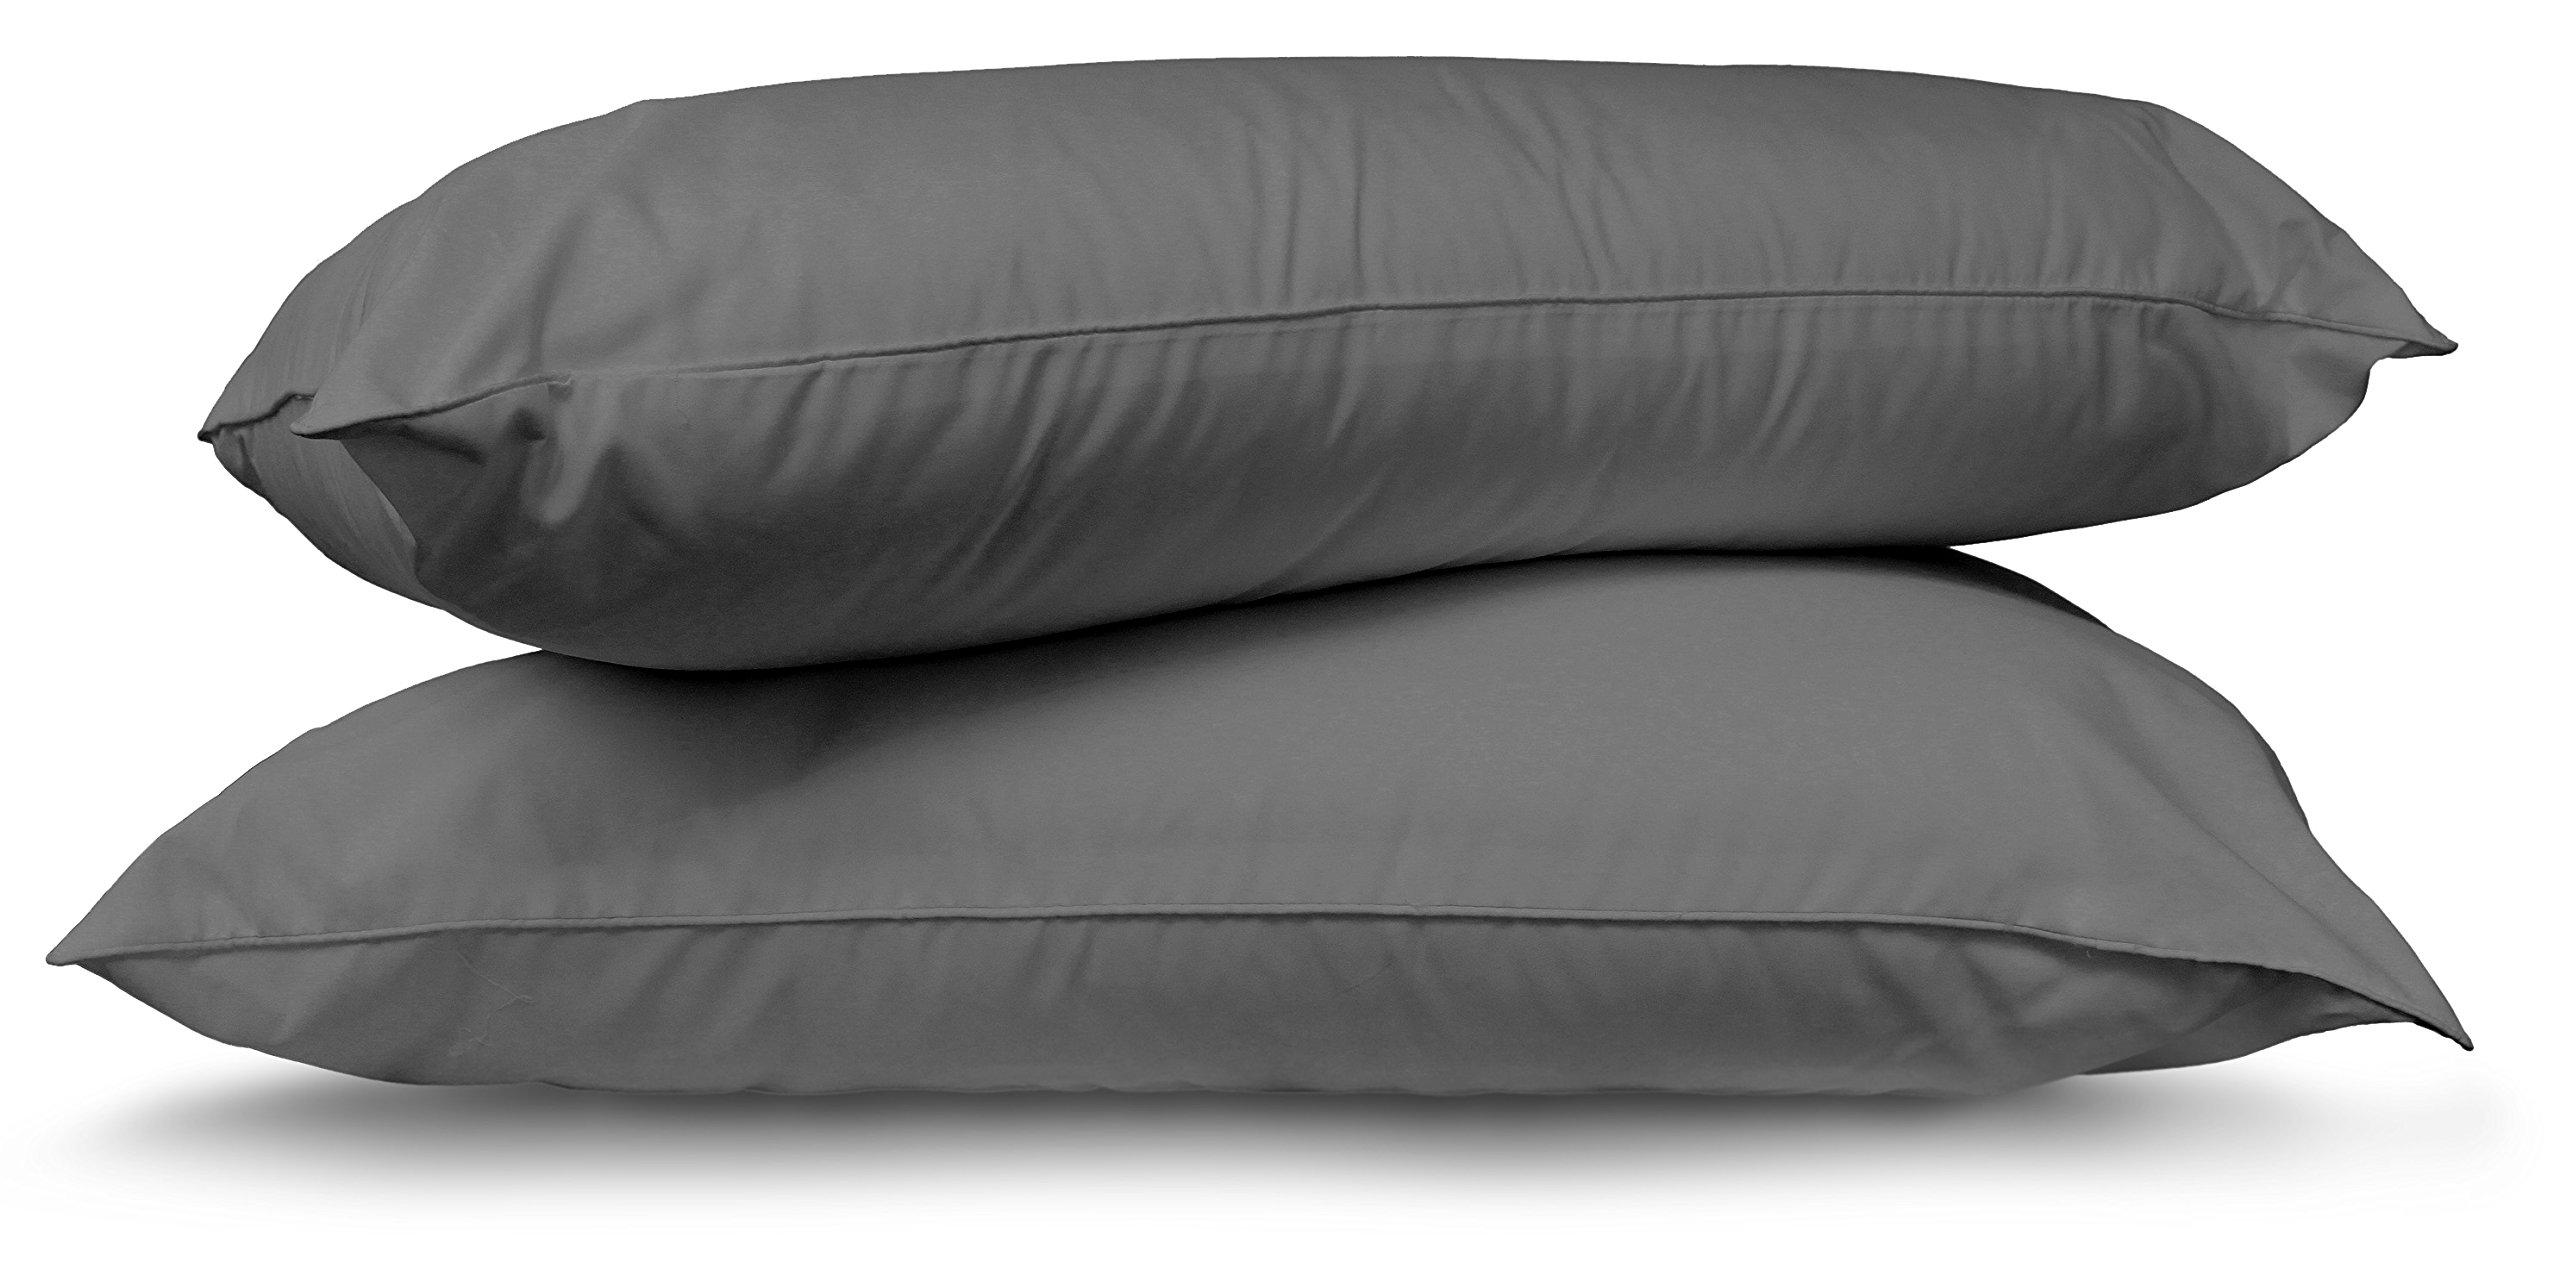 Utopia Bedding Premium Cotton Zippered Pillow Cases - 2 Pack (Queen, Grey) - Elegant Double Hemmed Stitched Pillow Encasement by Utopia Bedding (Image #7)